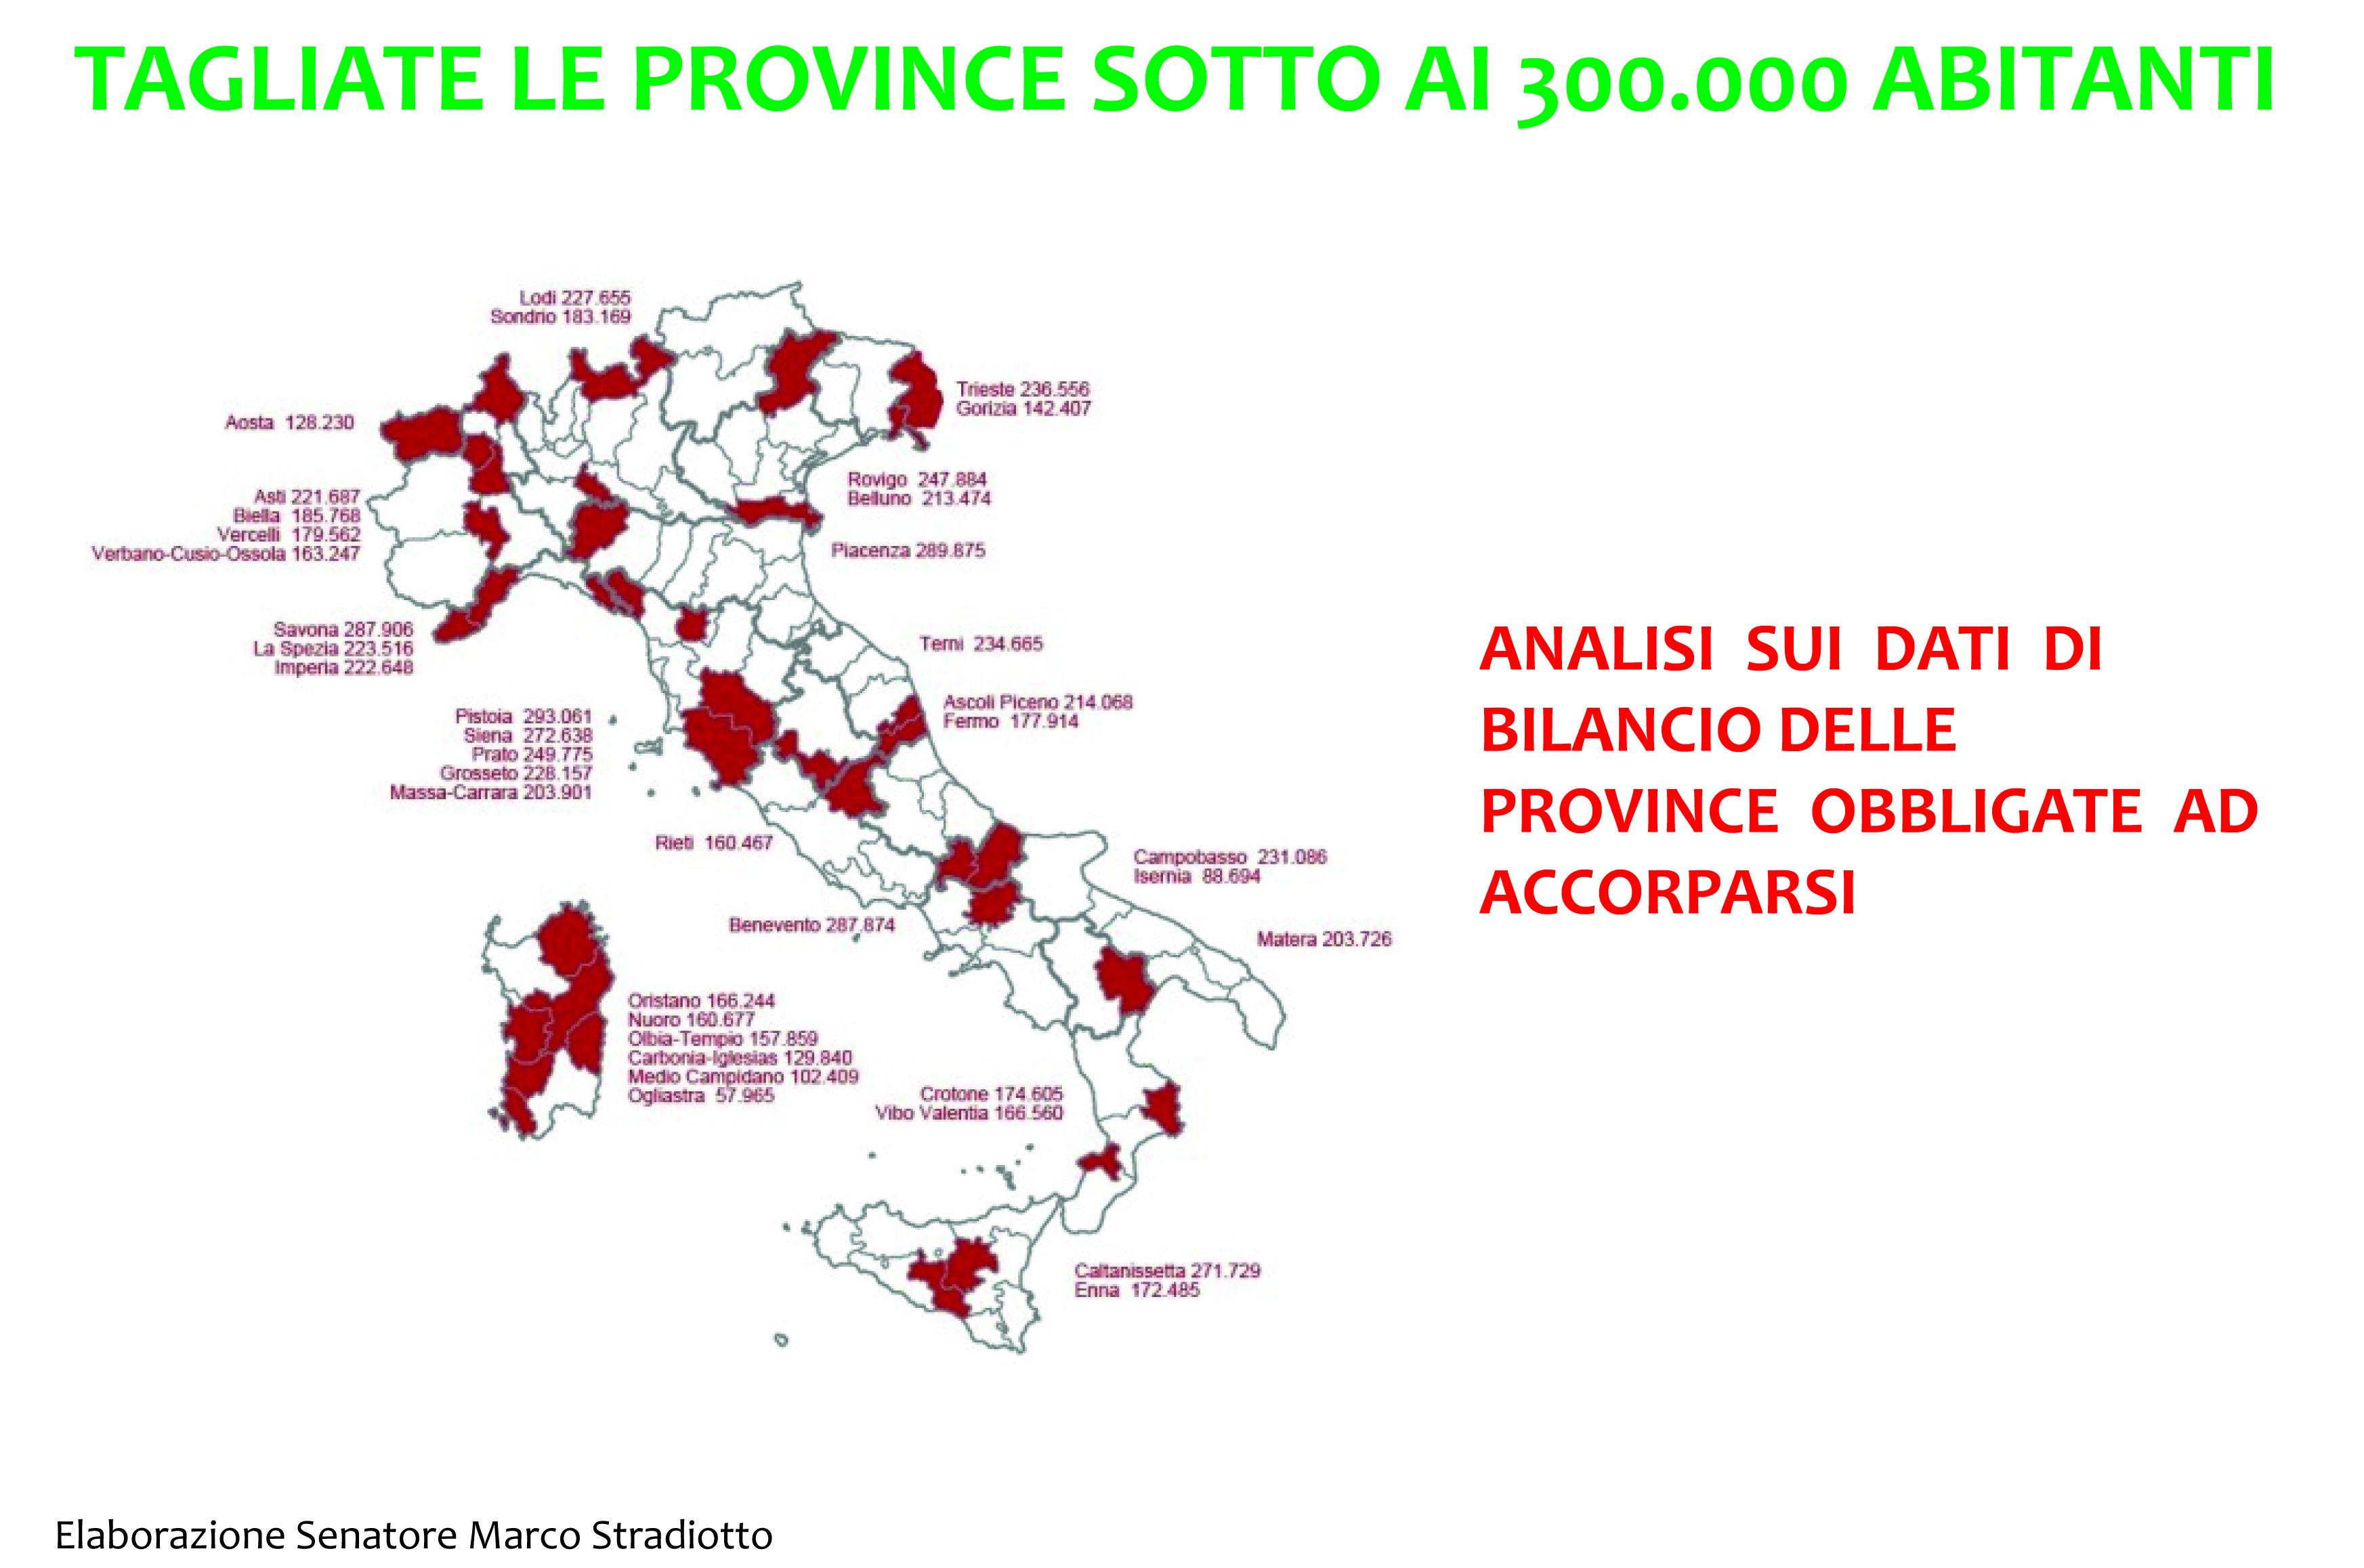 DAL TAGLIO DELLE PROVINCE SI OTTENGONO MINORI COSTI PARI A 55 MILIONI di € ALL'ANNO